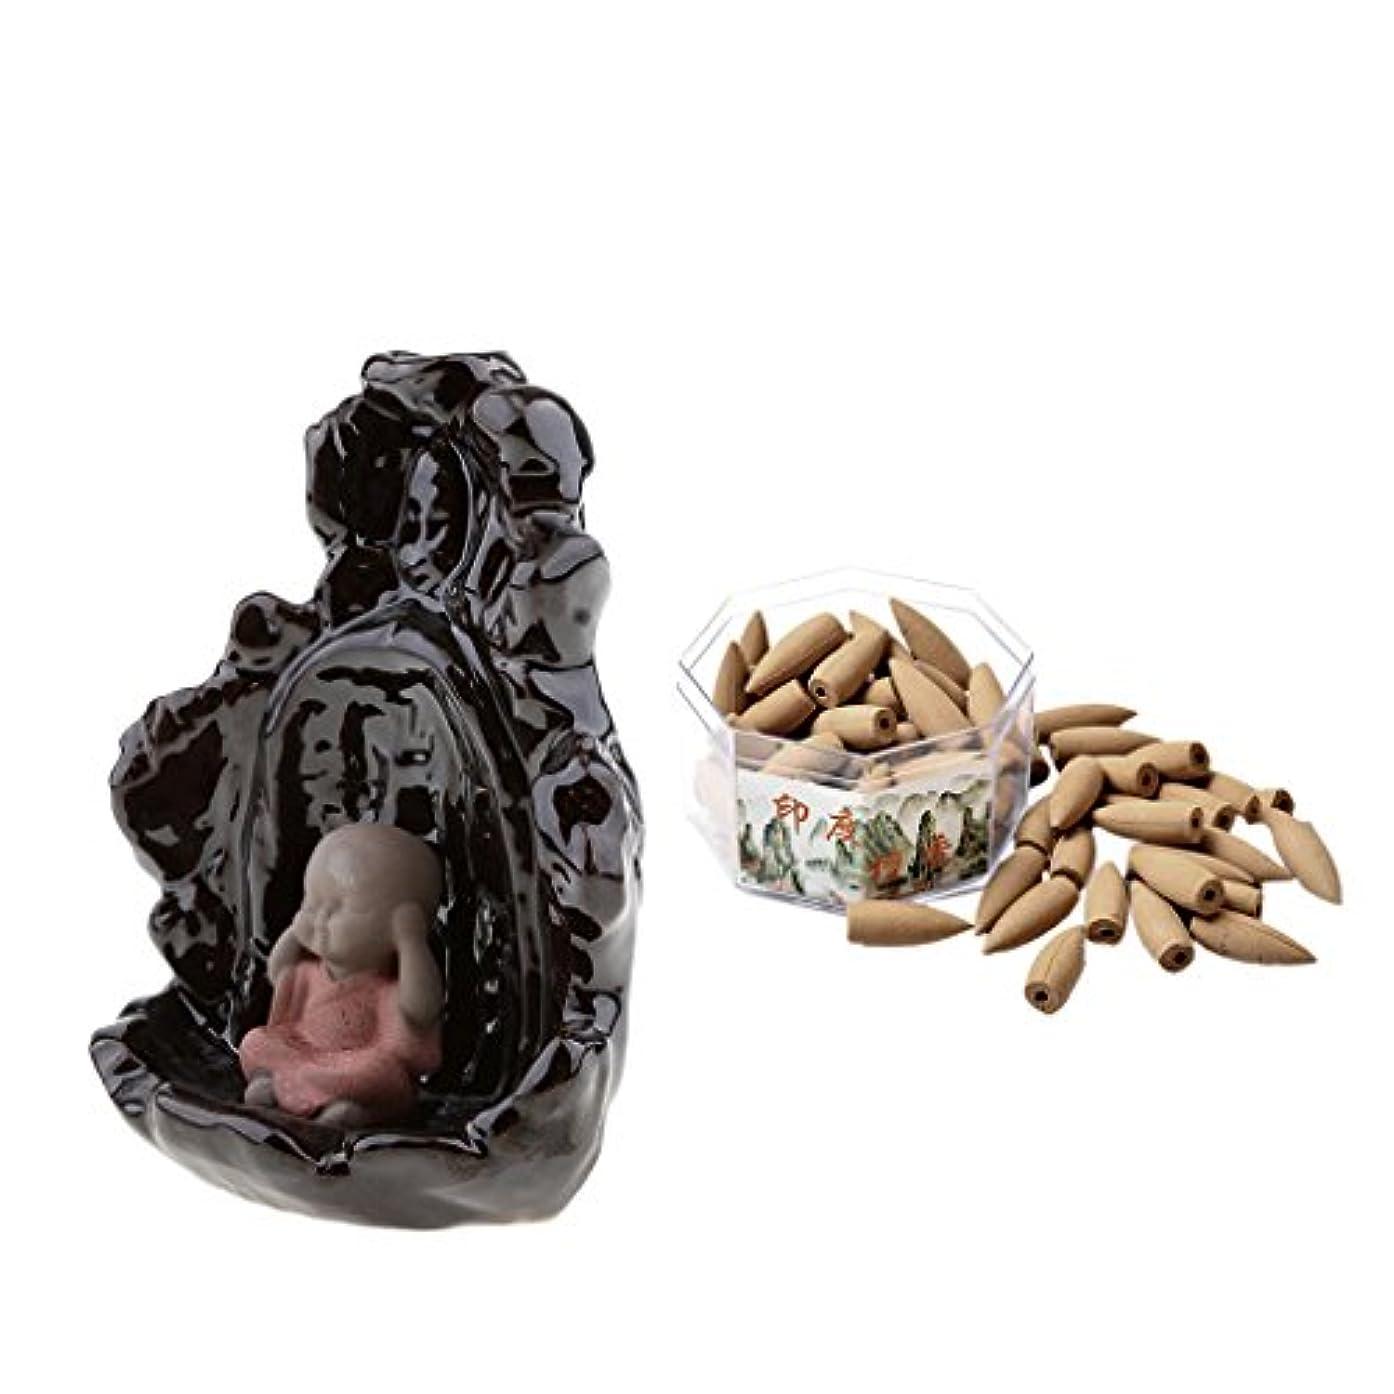 完全に特定のカプラーmonkeyjack手作り磁器セラミック煙逆流香炉Monk Statue Censer + 70 Conesインドお香炉